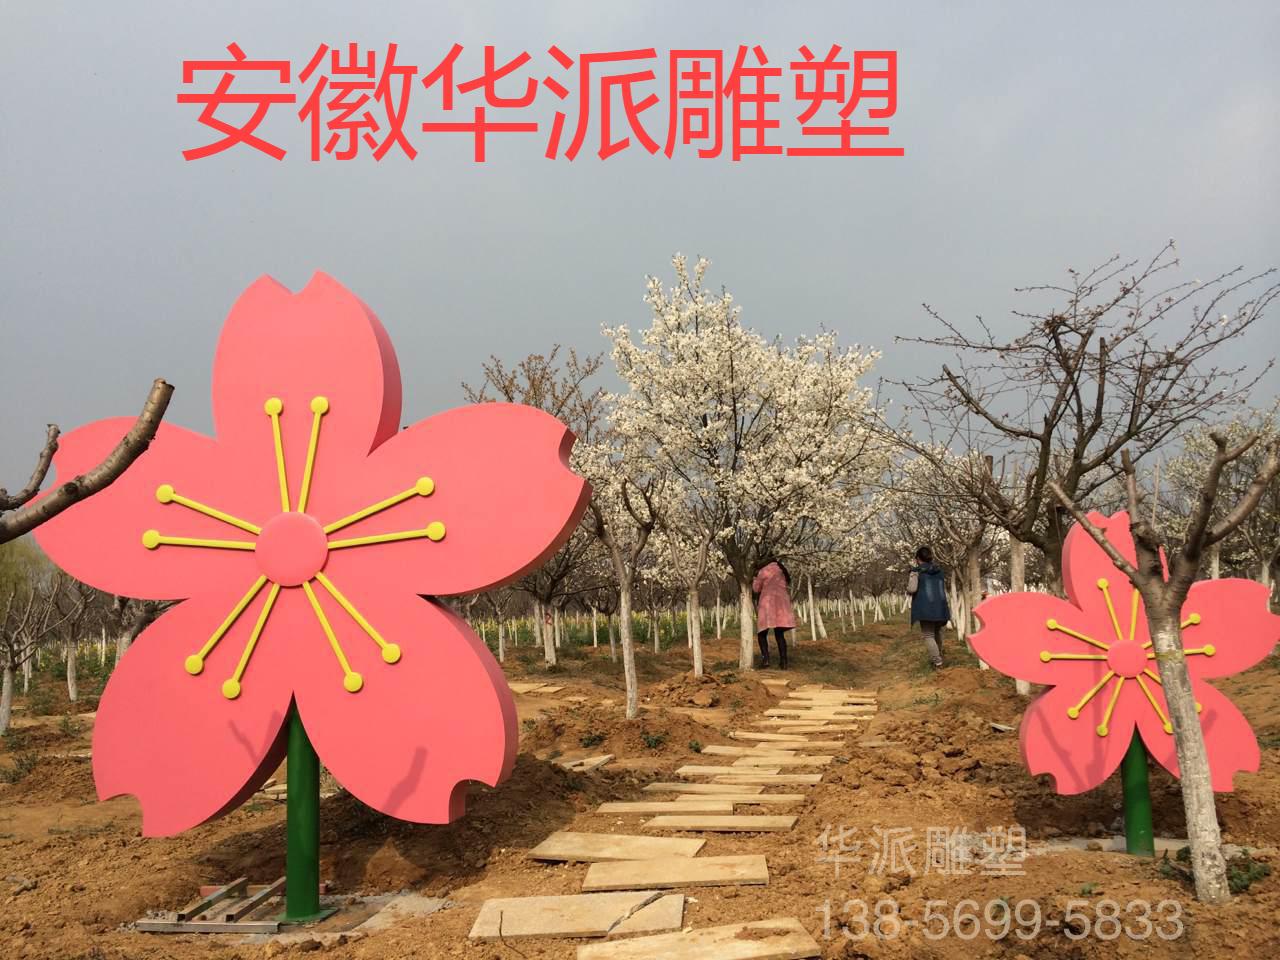 安徽华派雕塑益销广告传媒